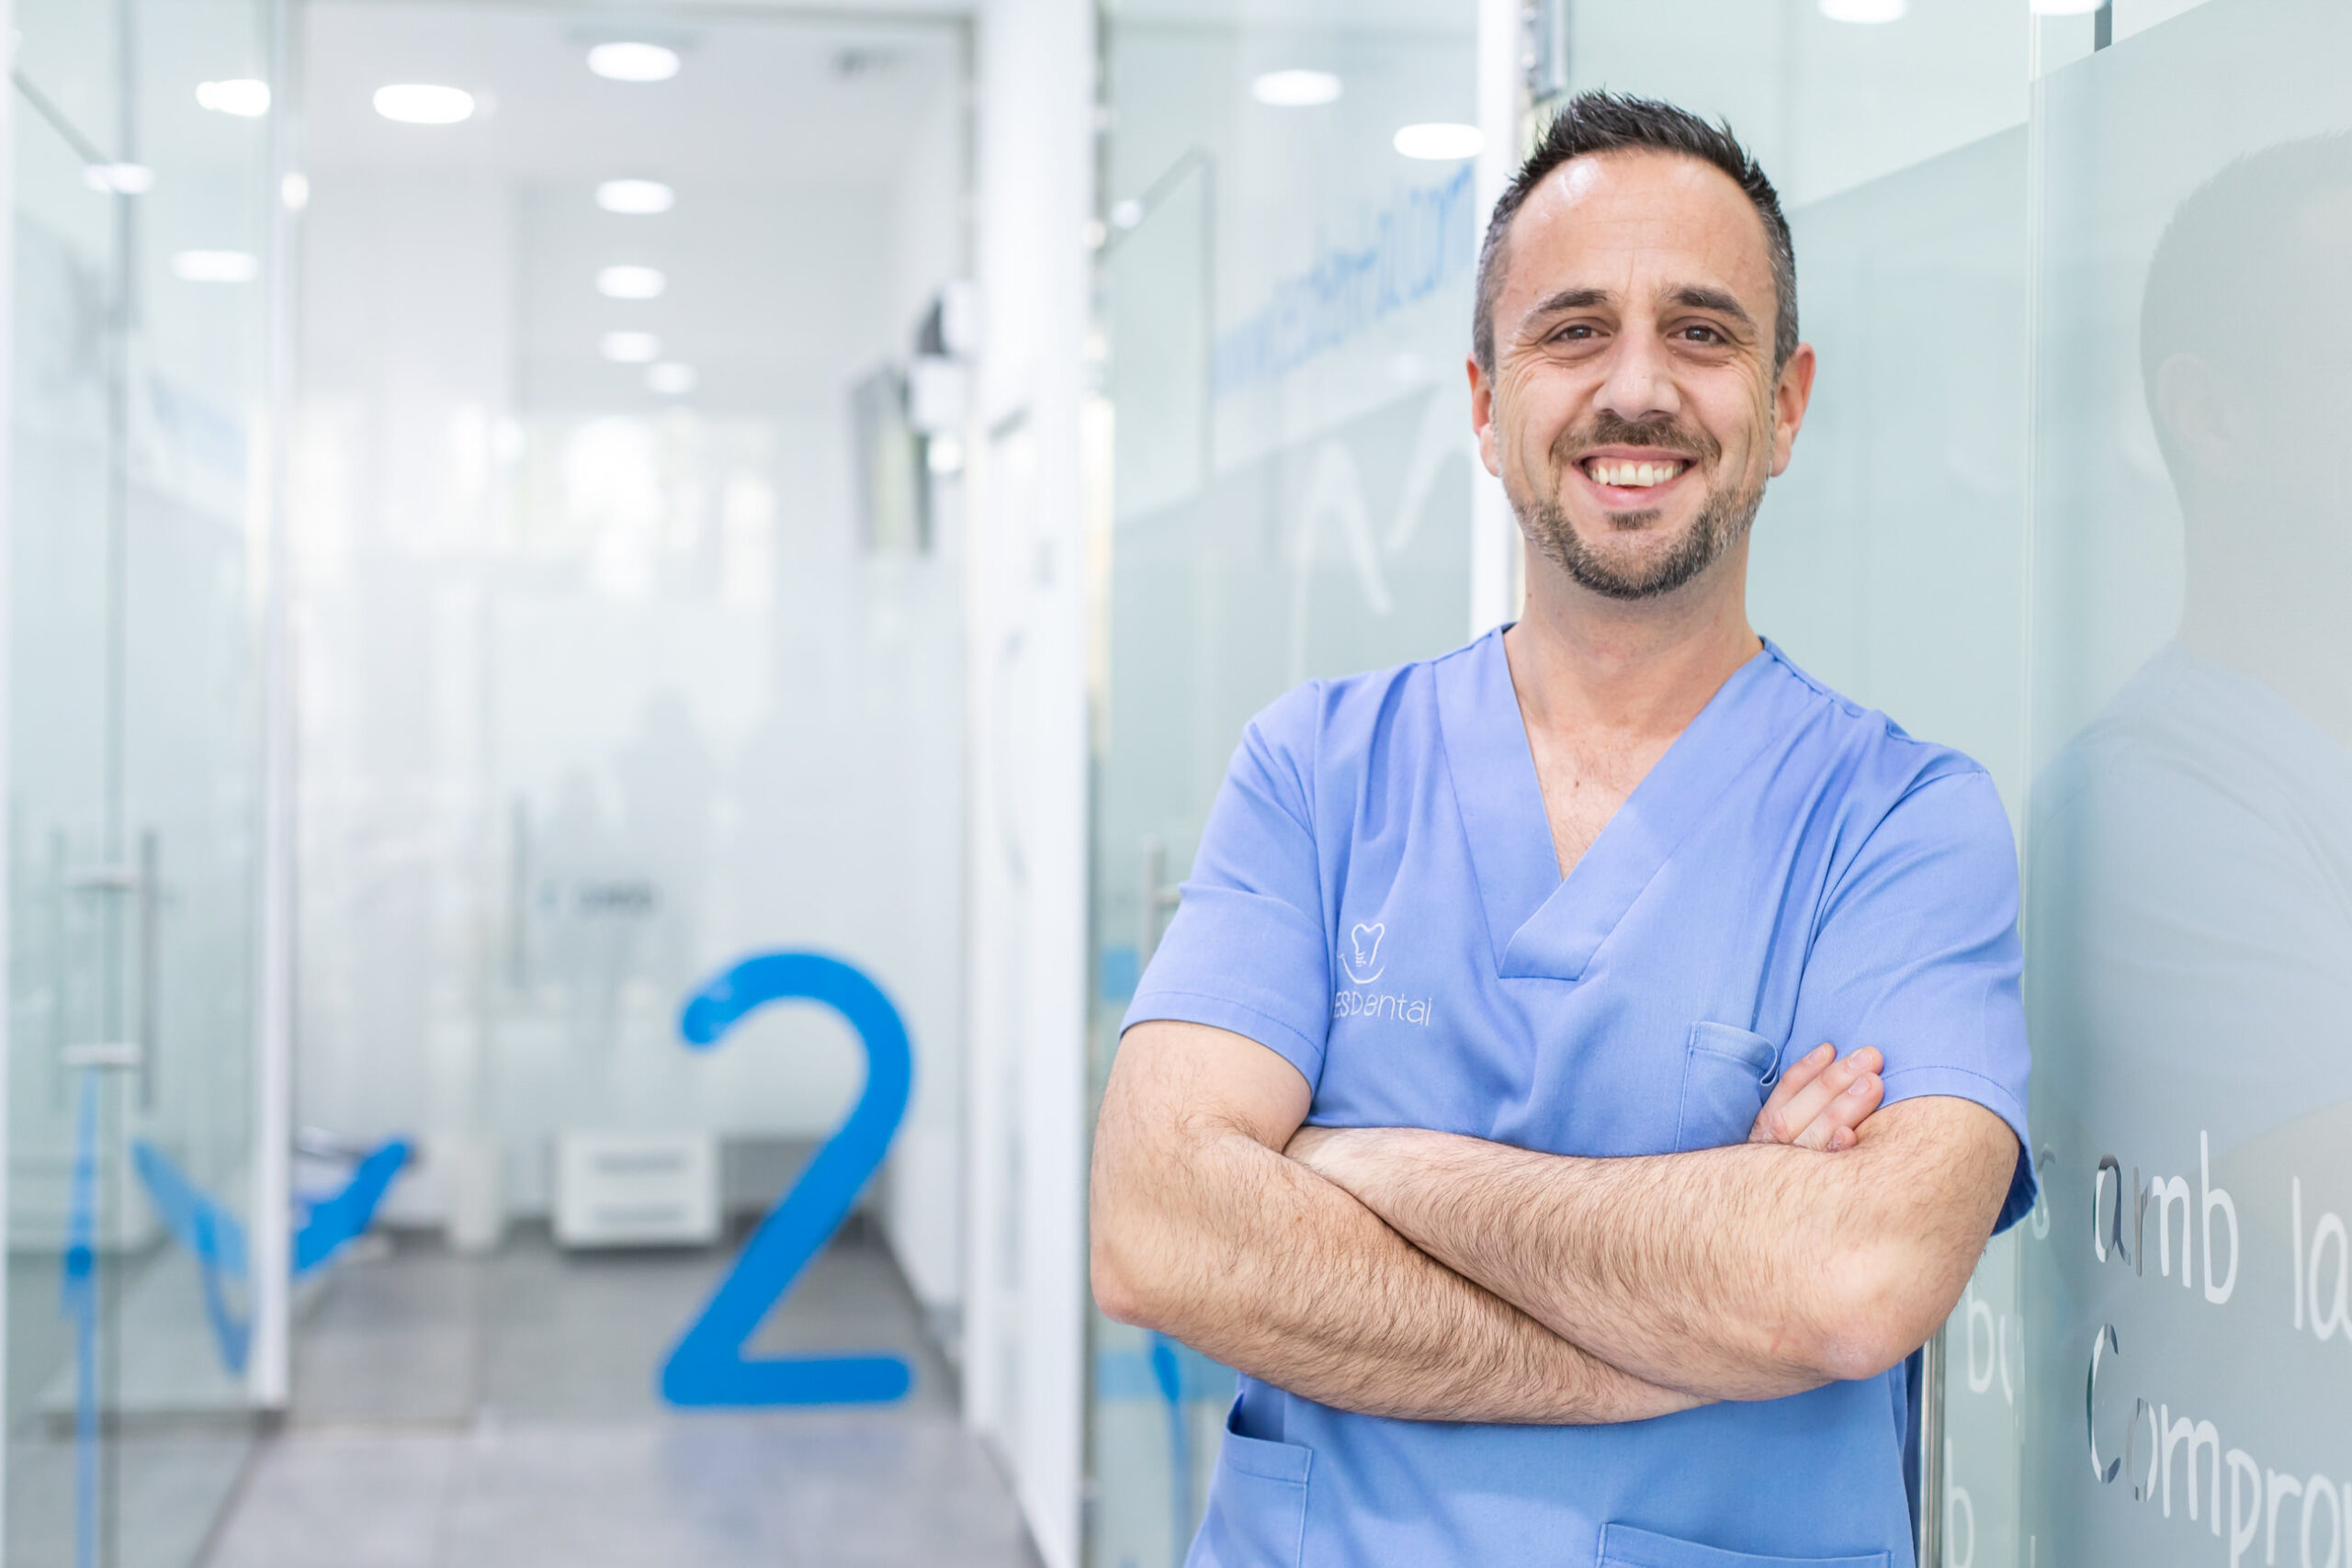 clínica dental en Godella - foto de Jose